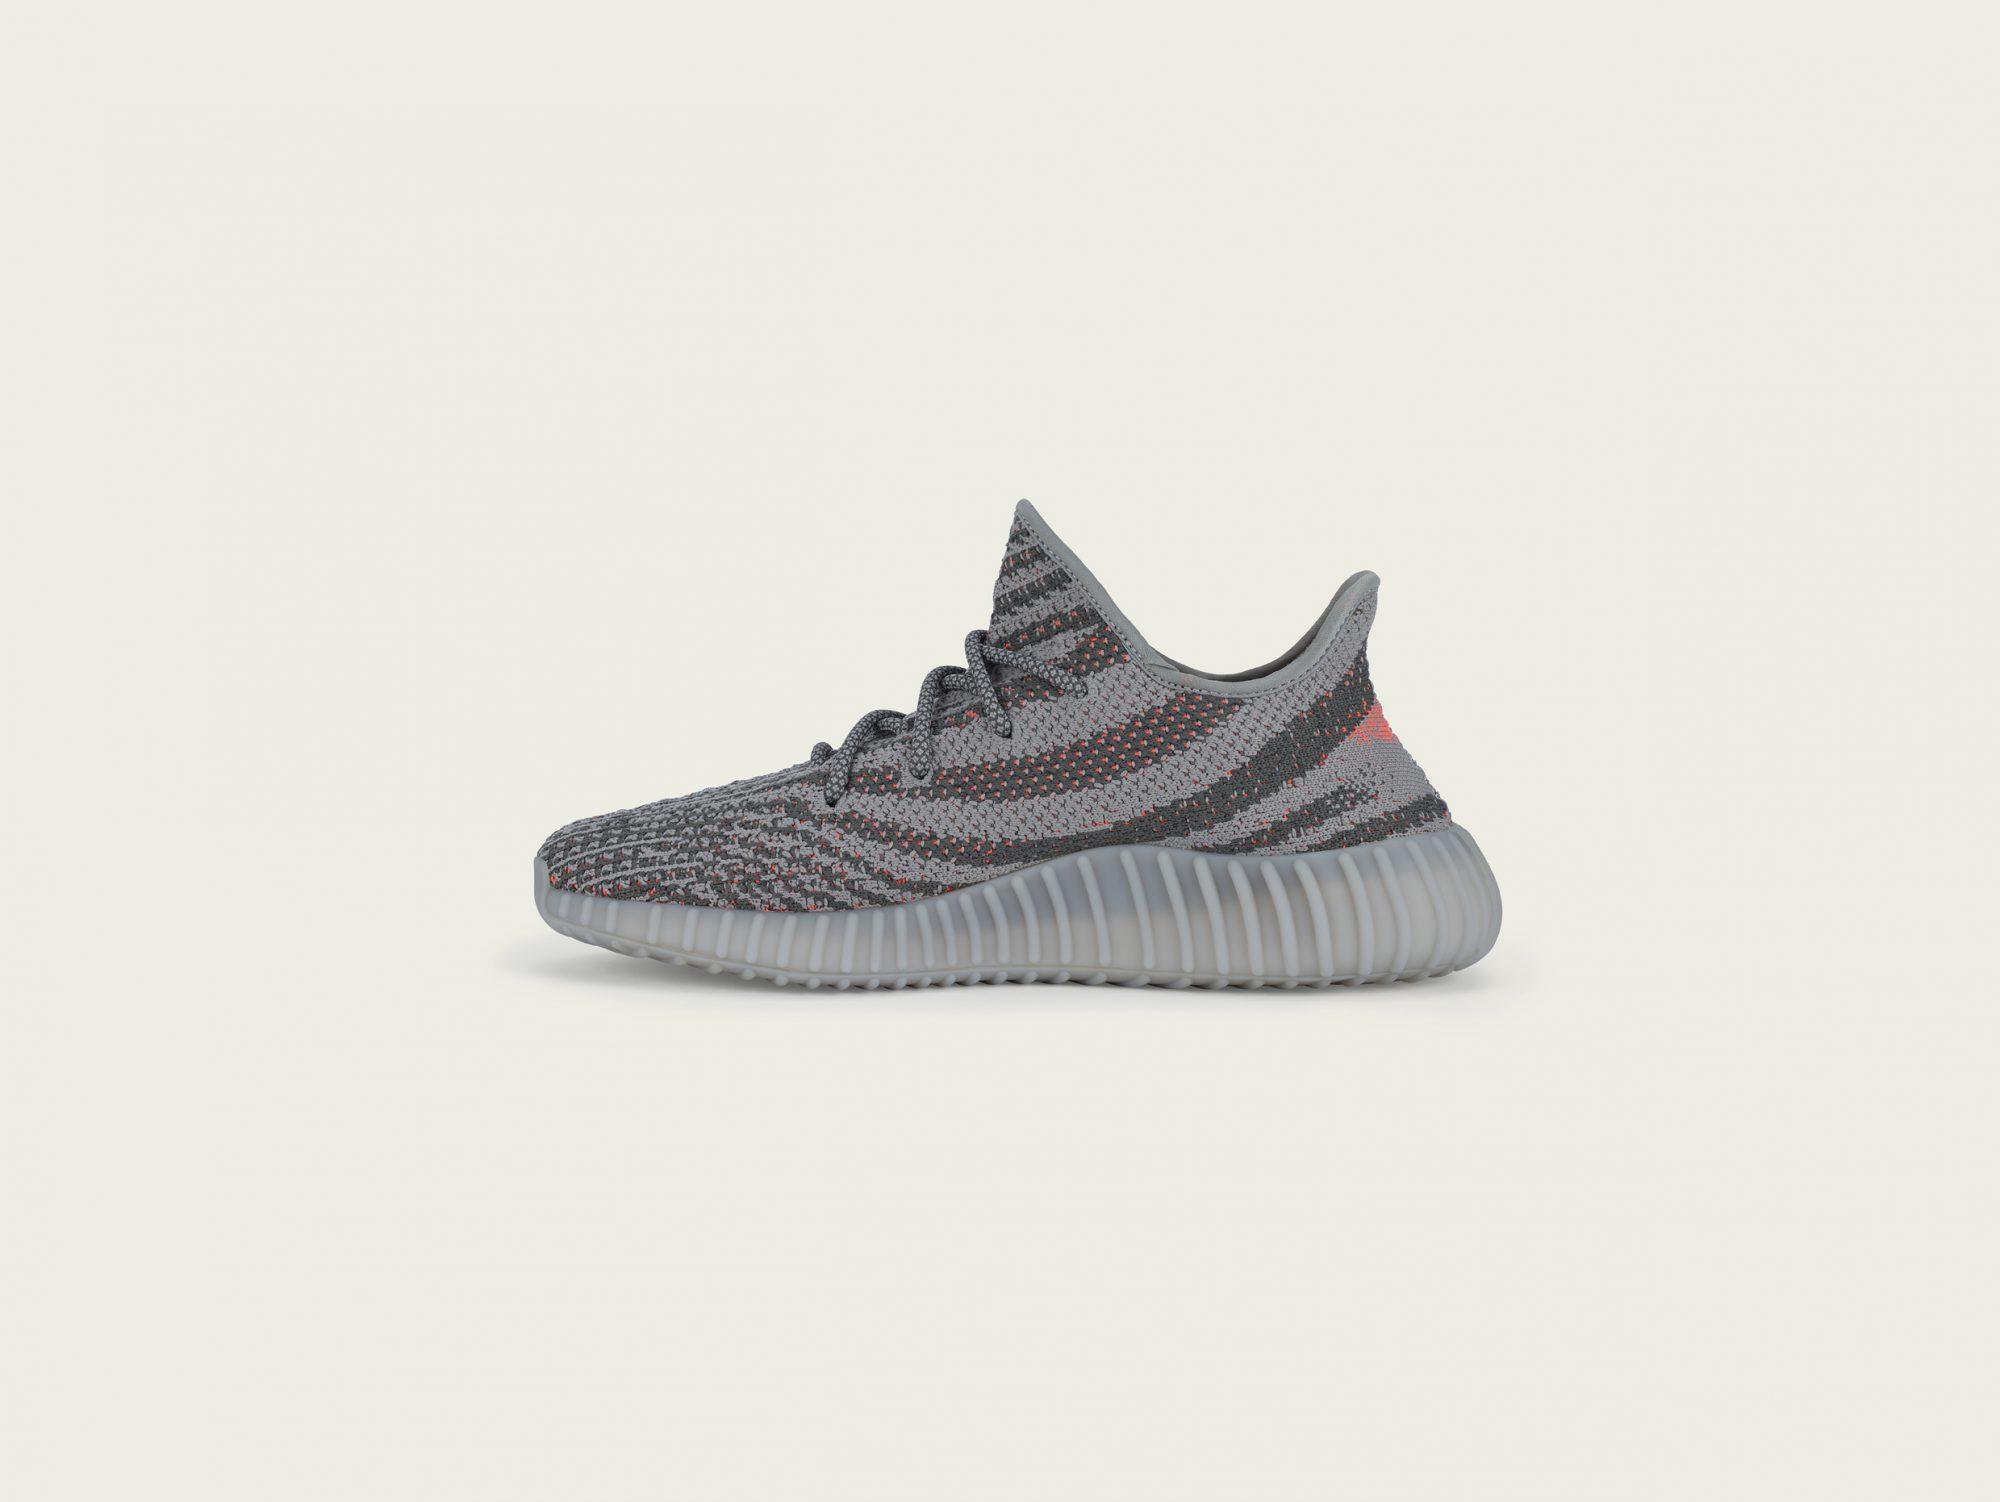 adidas-originals-by-kanye-west-yeezy-boost-350-v2_ntd8800%e7%94%b7%e5%a5%b3%e9%9e%8b%e6%ac%be-3